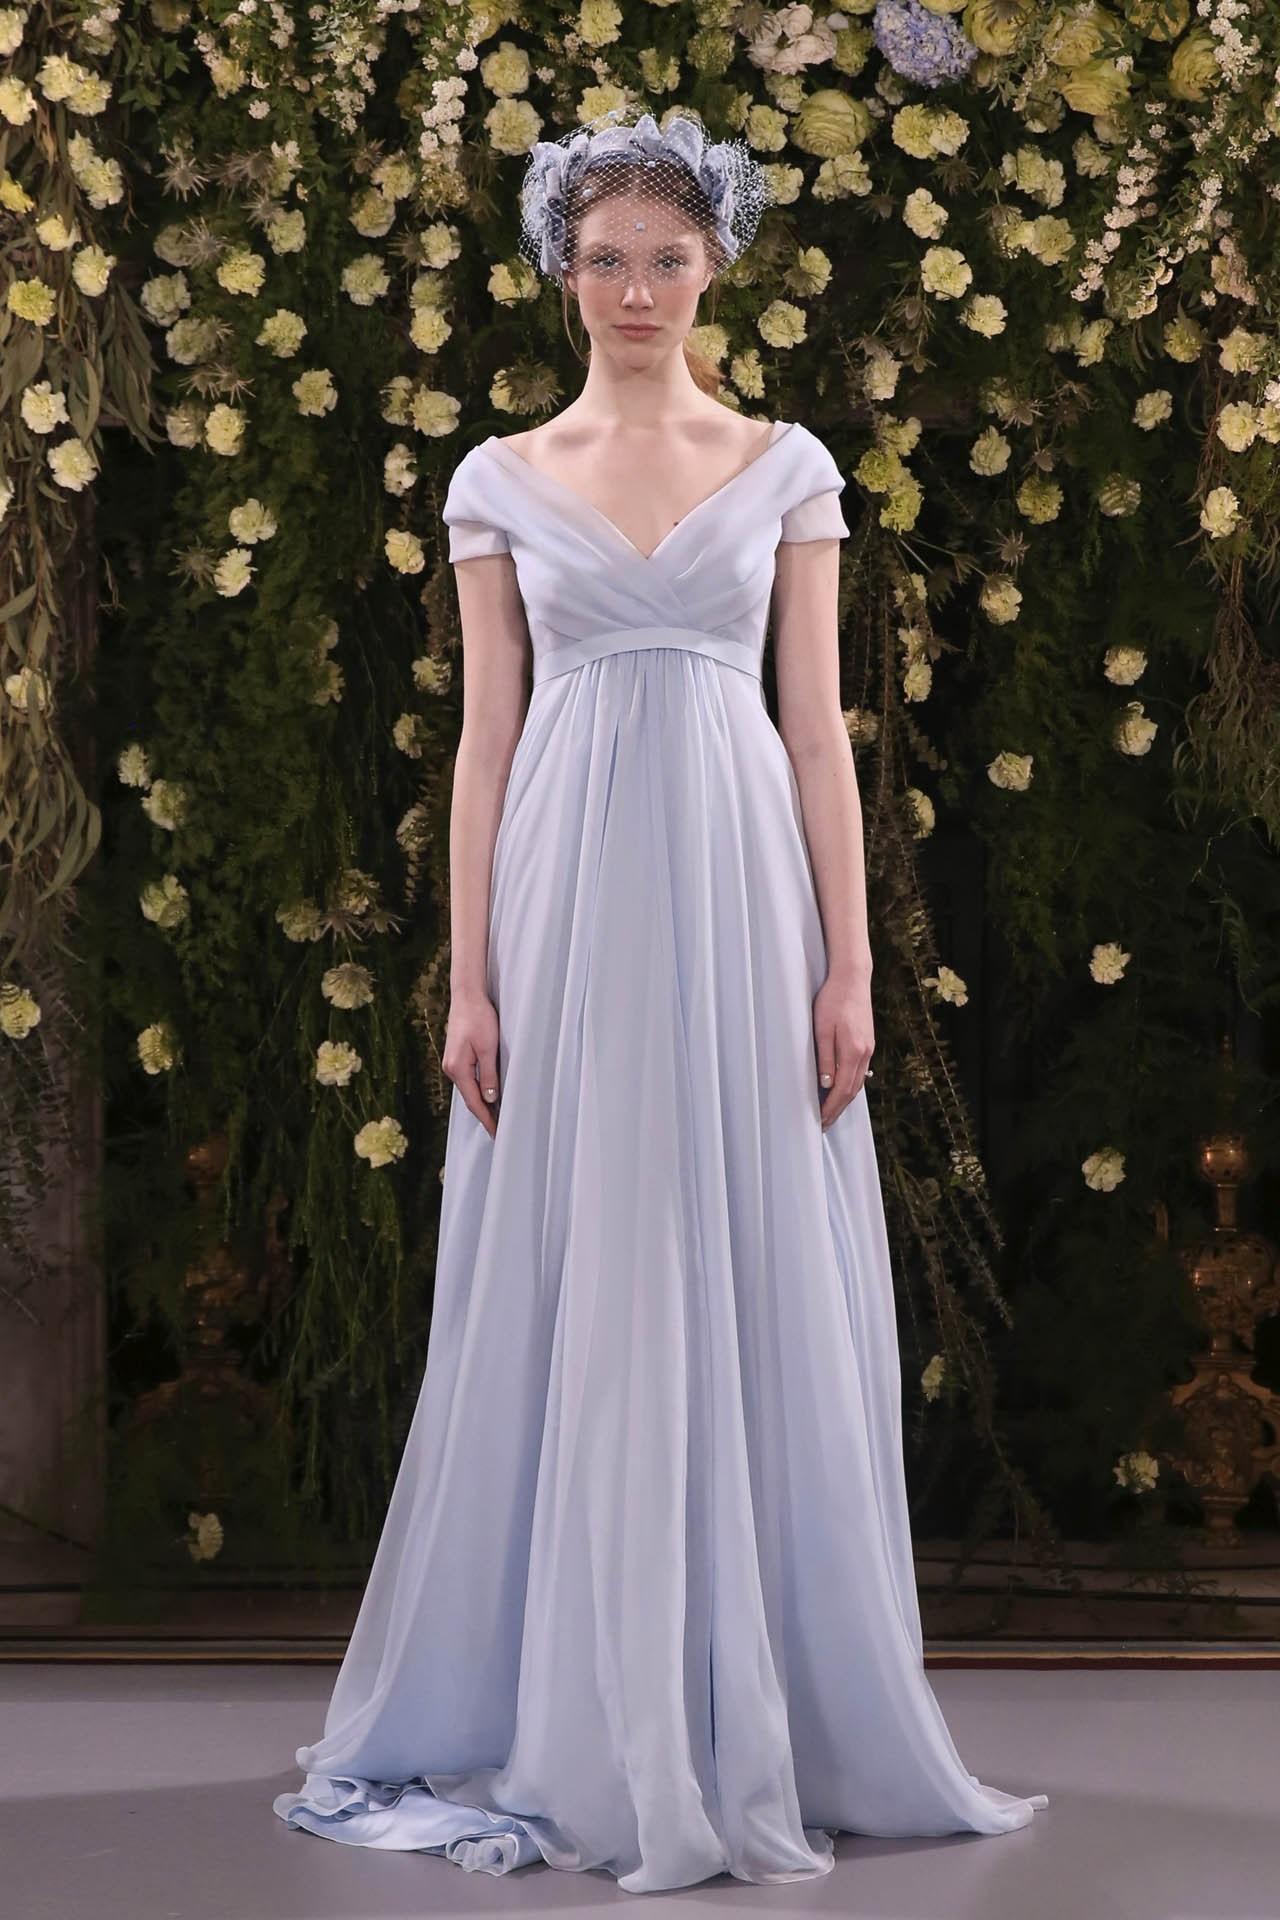 robe de mariée lavande empire pour femme ronde